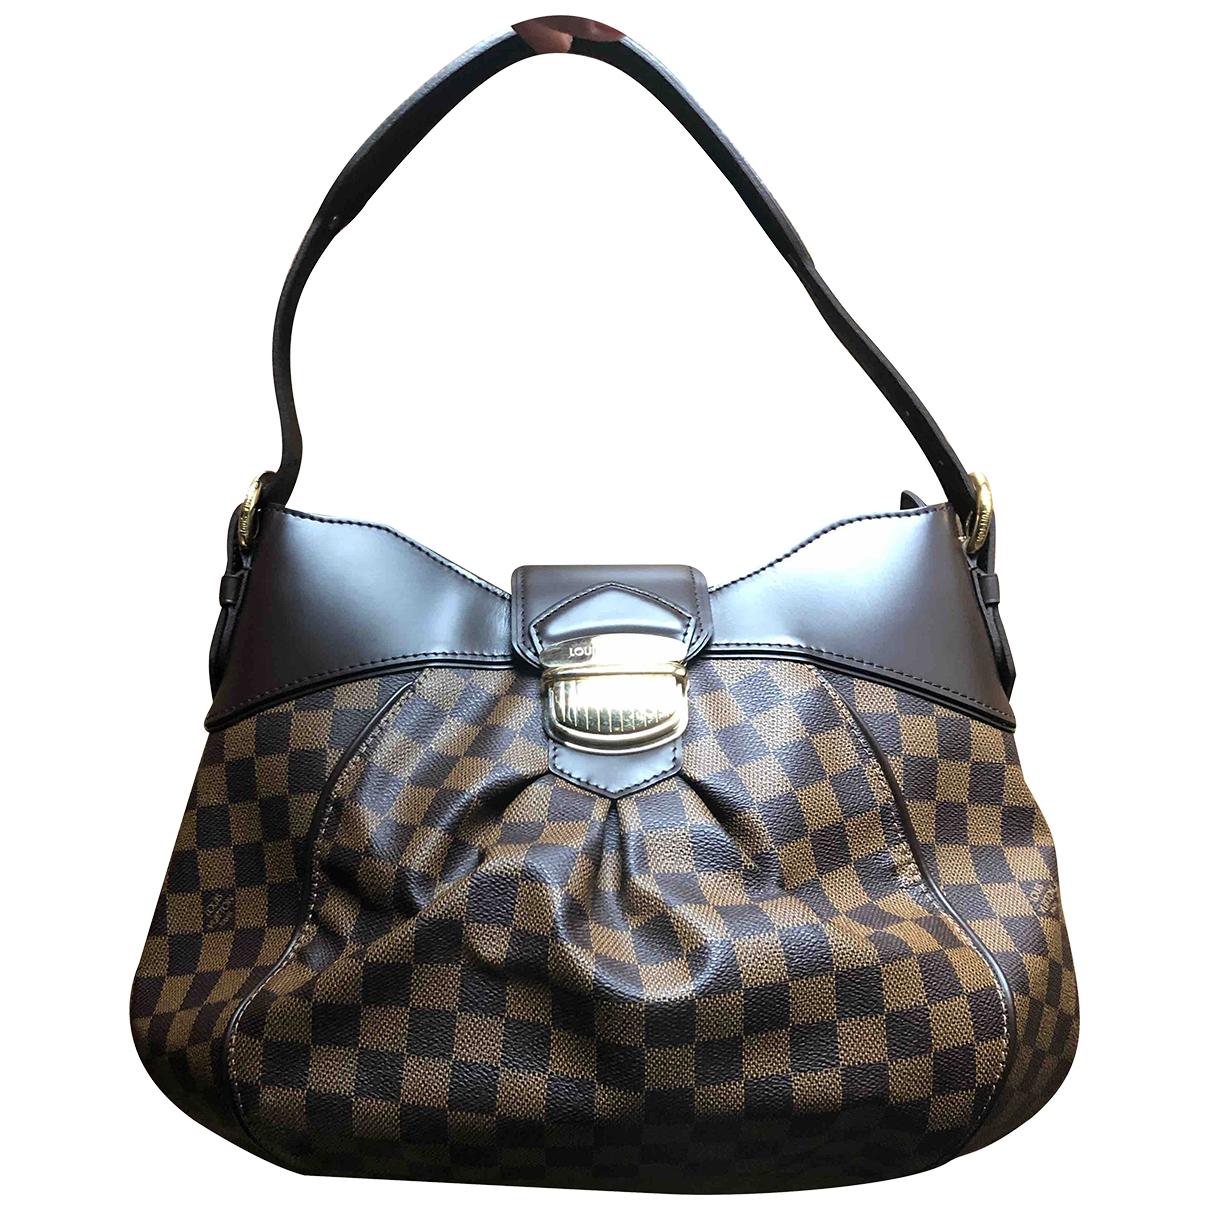 Louis Vuitton \N Cloth handbag for Women \N